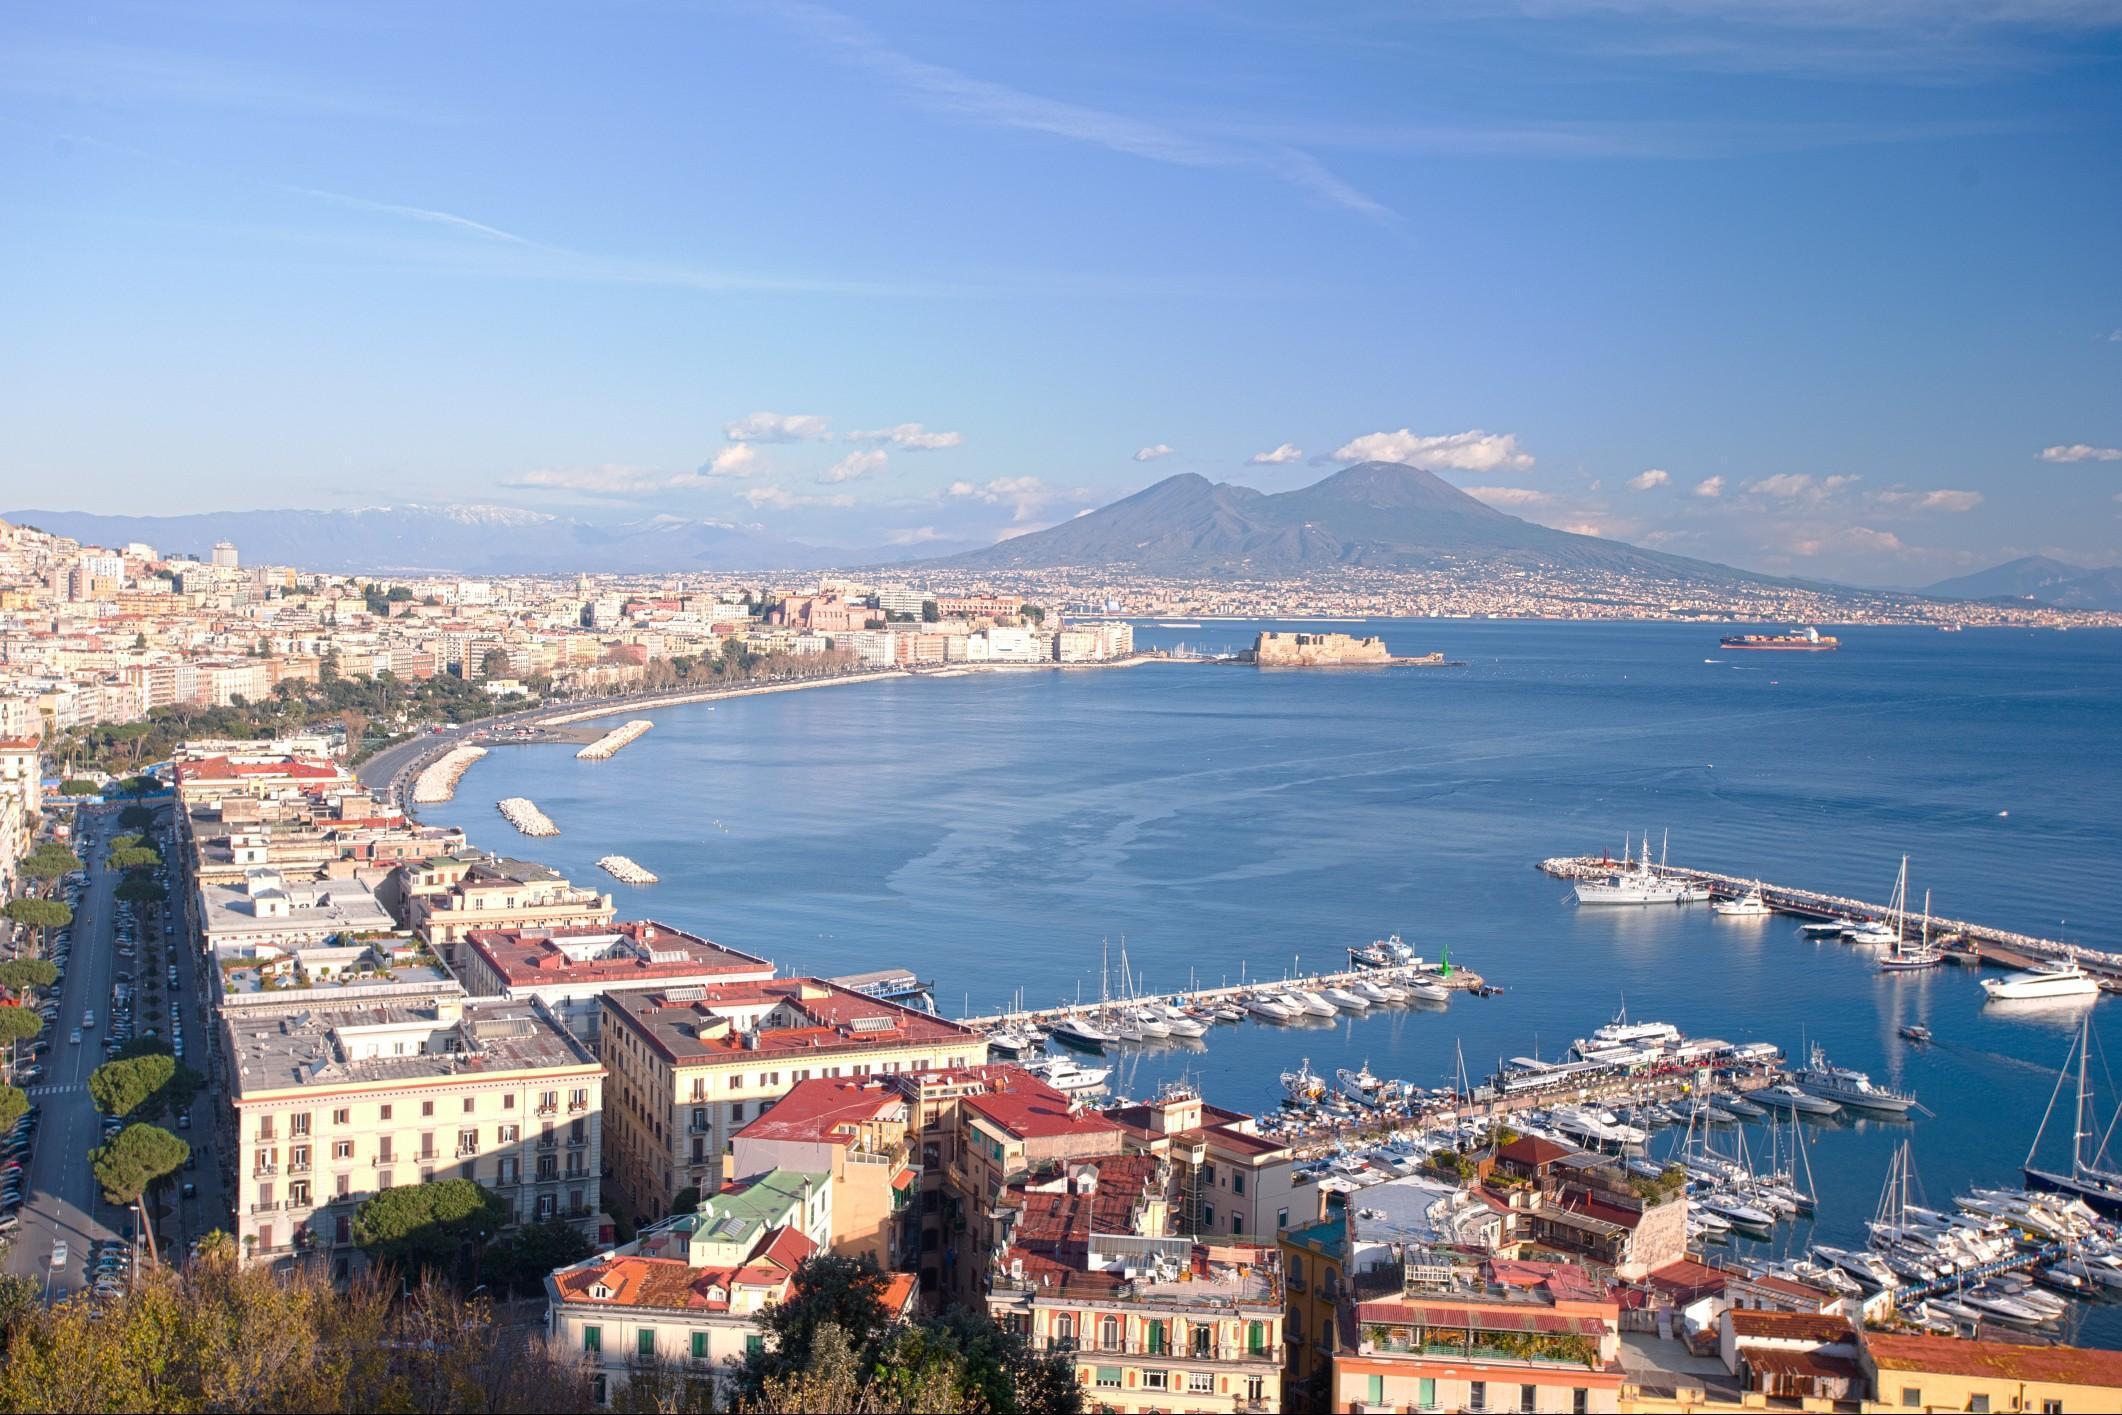 Previsioni meteo Napoli: veloce passata fredda, poi migliora?